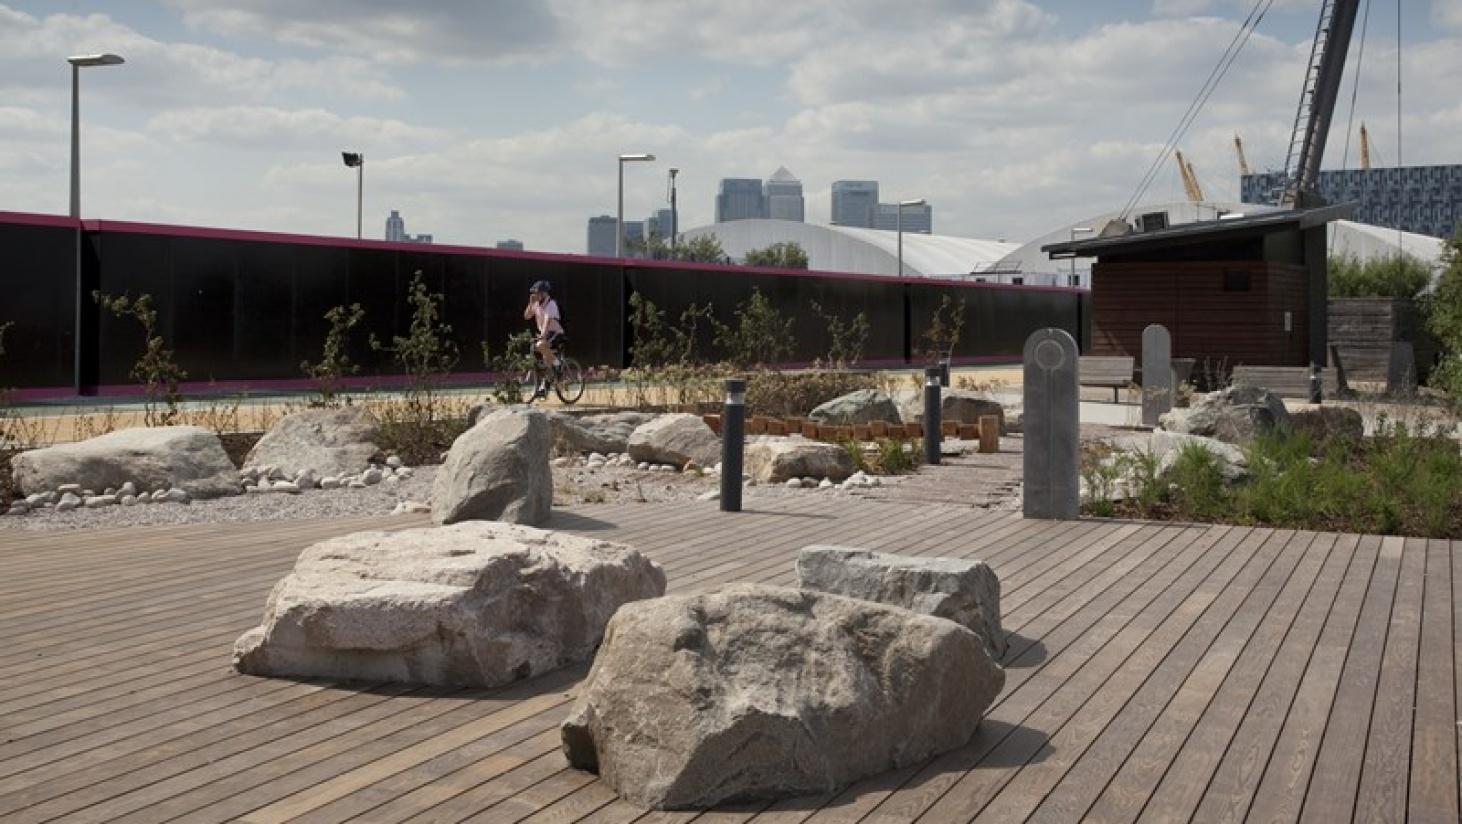 Sten kan blive brugt som siddepladser på terrassen